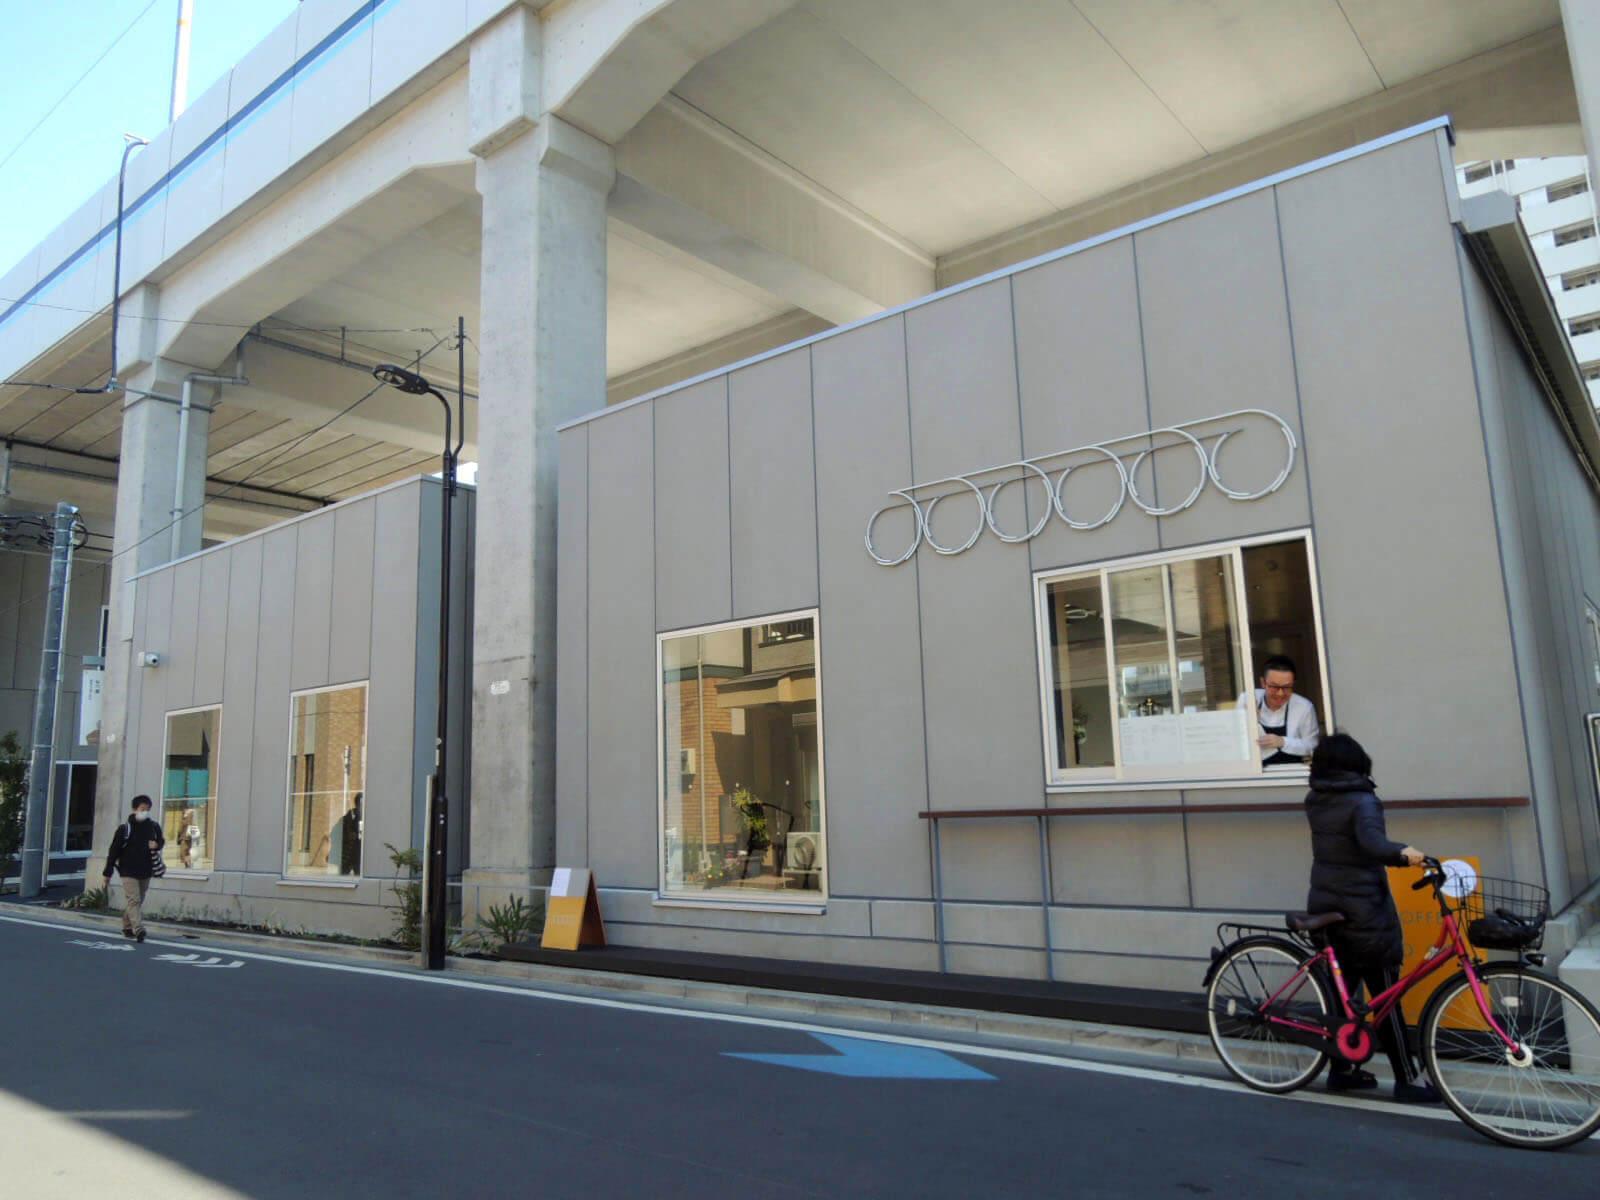 A棟の並びにはカフェもオープン。常連になってしまいそう。